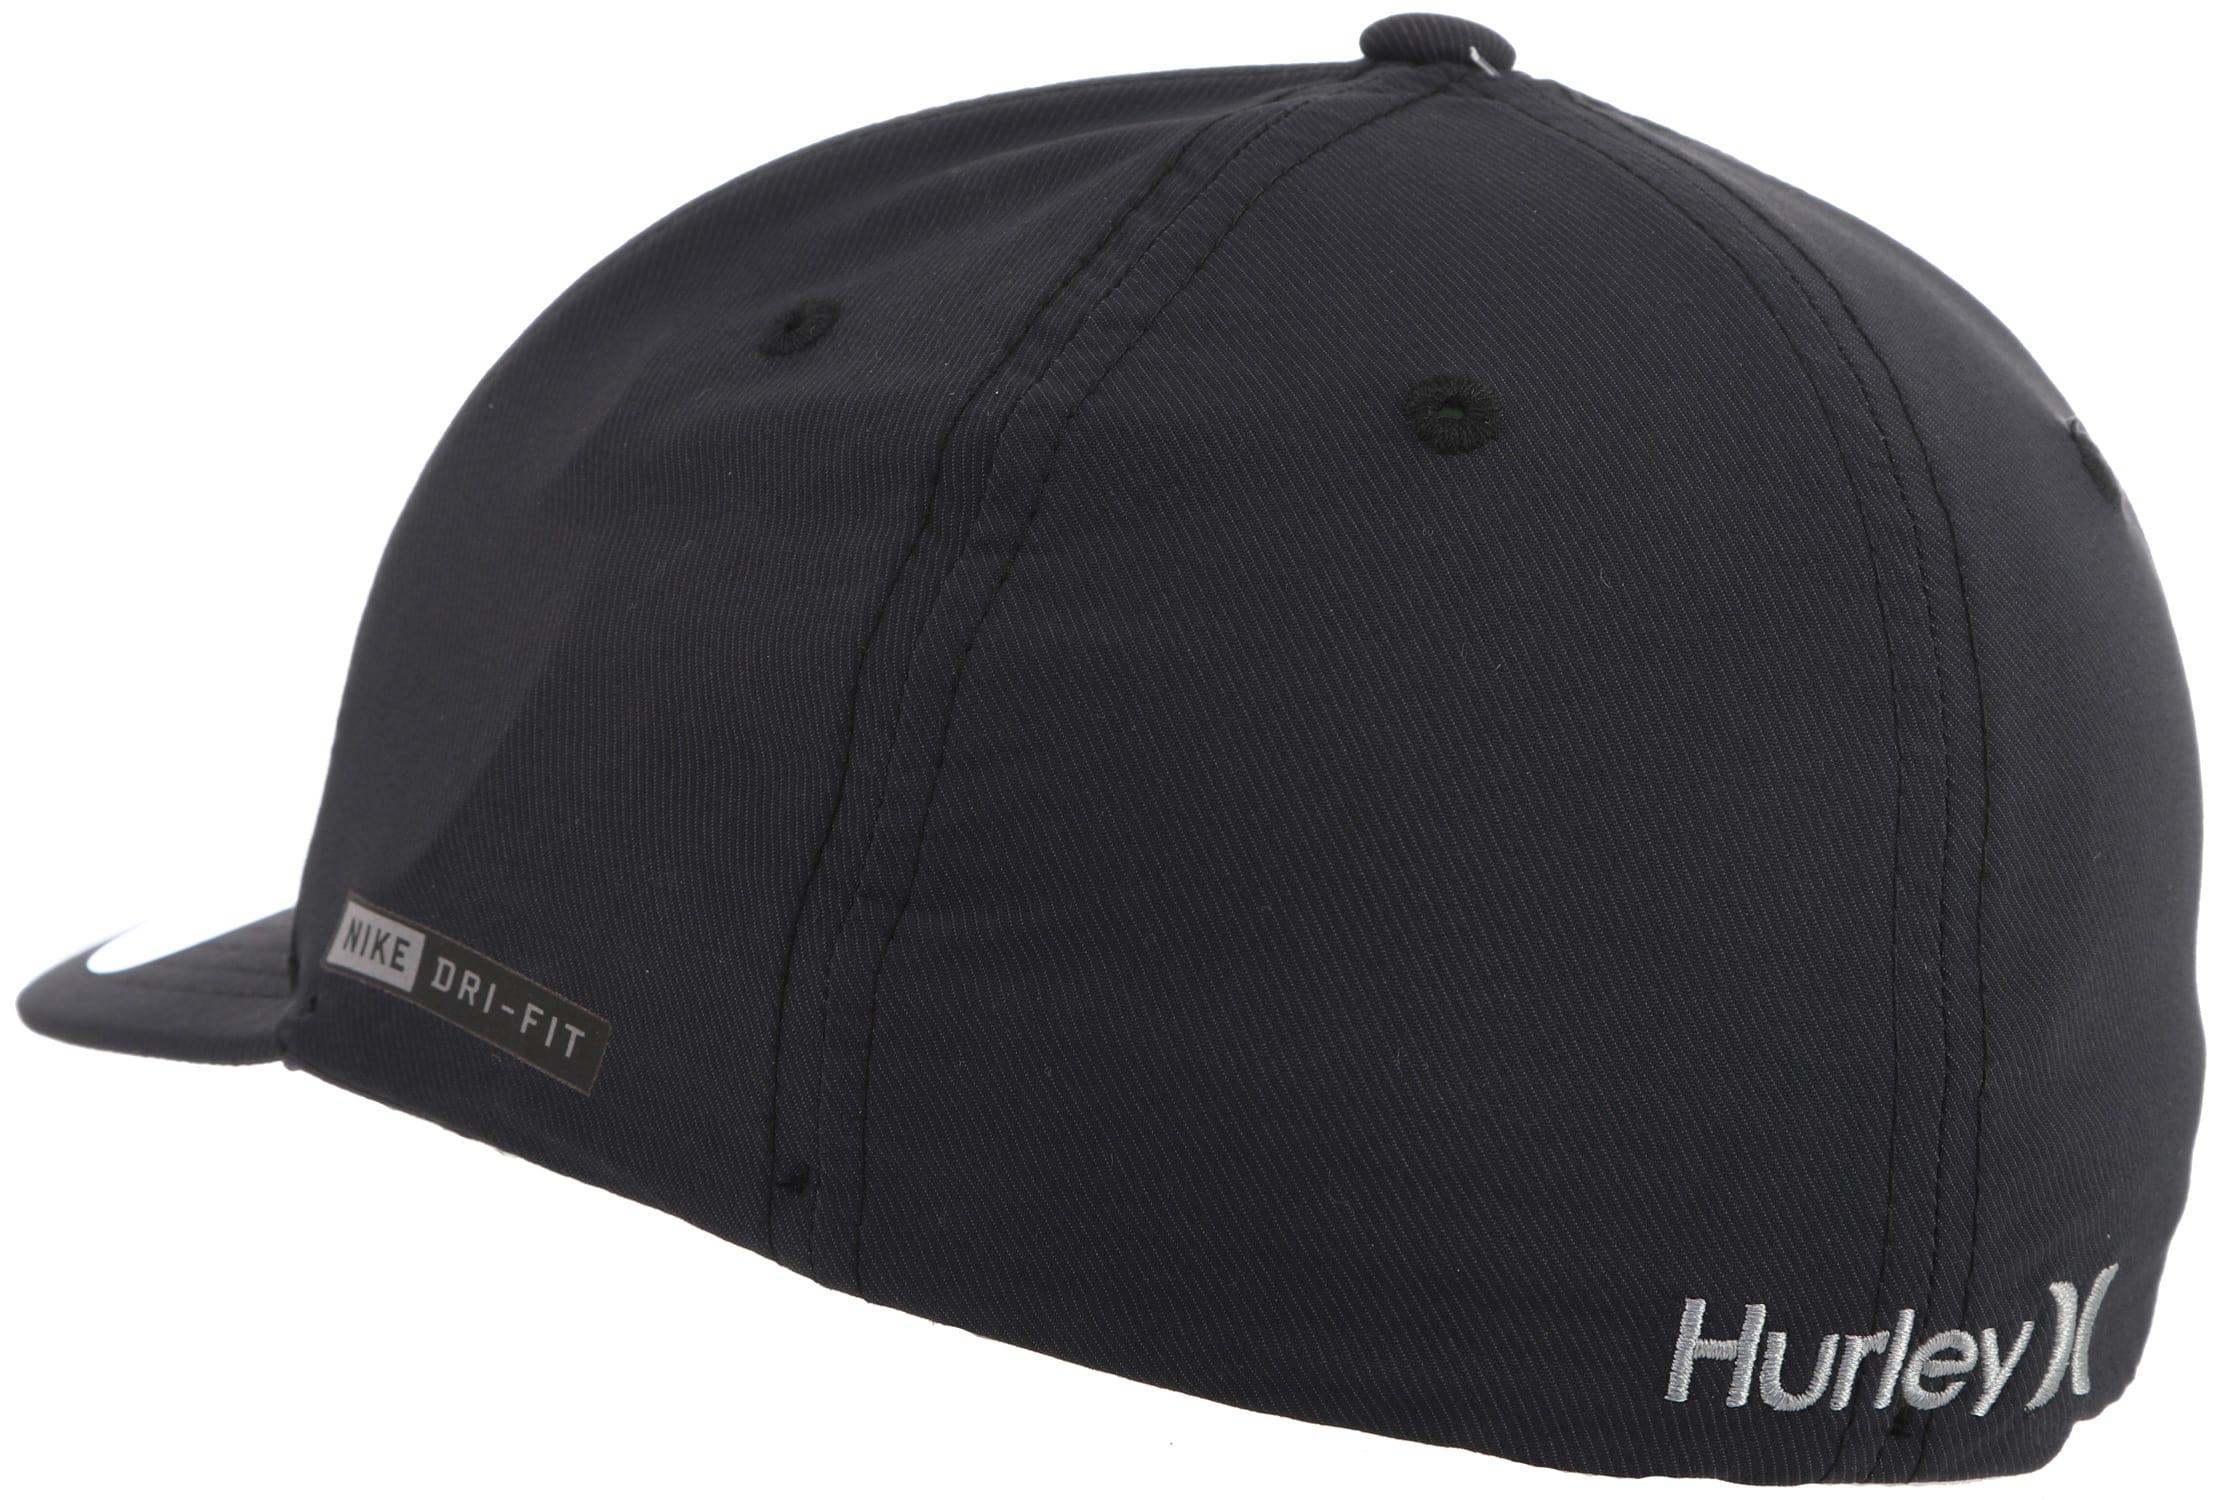 d8d8defc593 Hurley Dri-Fit Outline 2.0 Cap - thumbnail 3